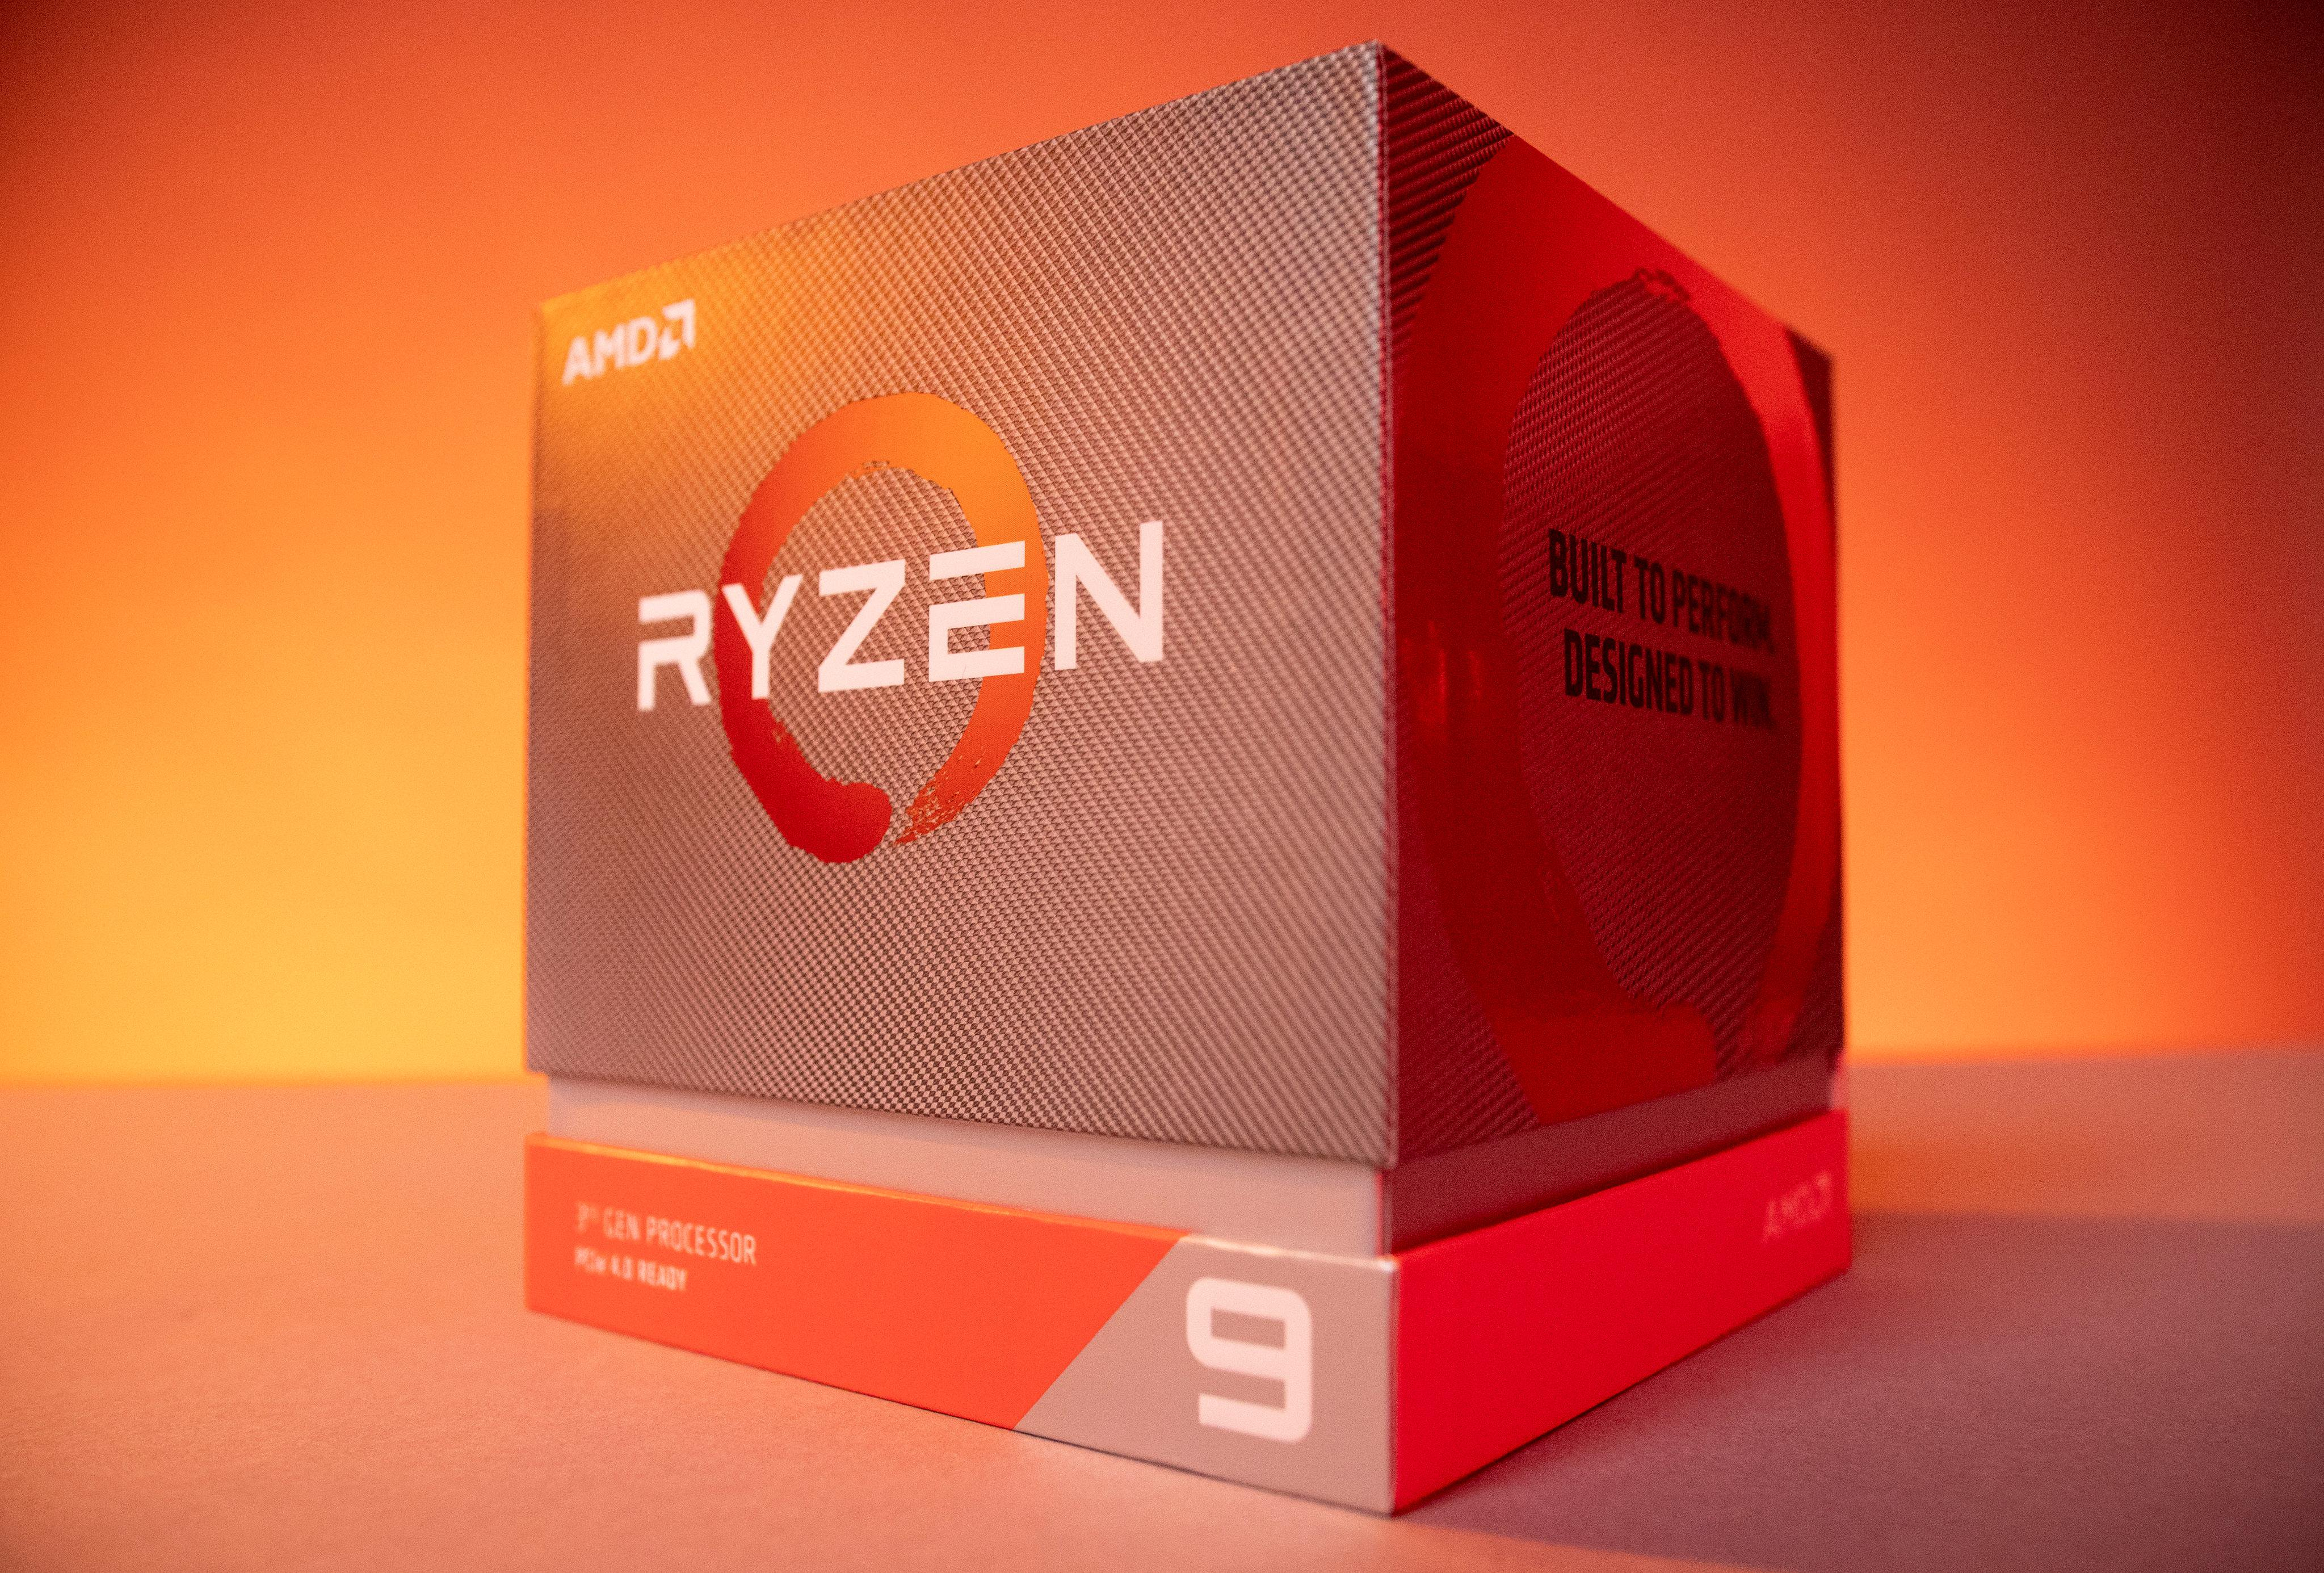 Процессоры AMD Ryzen сохраняют лидирующую долю рынка в Японии, несмотря на запуск линейки Intel 10 поколения